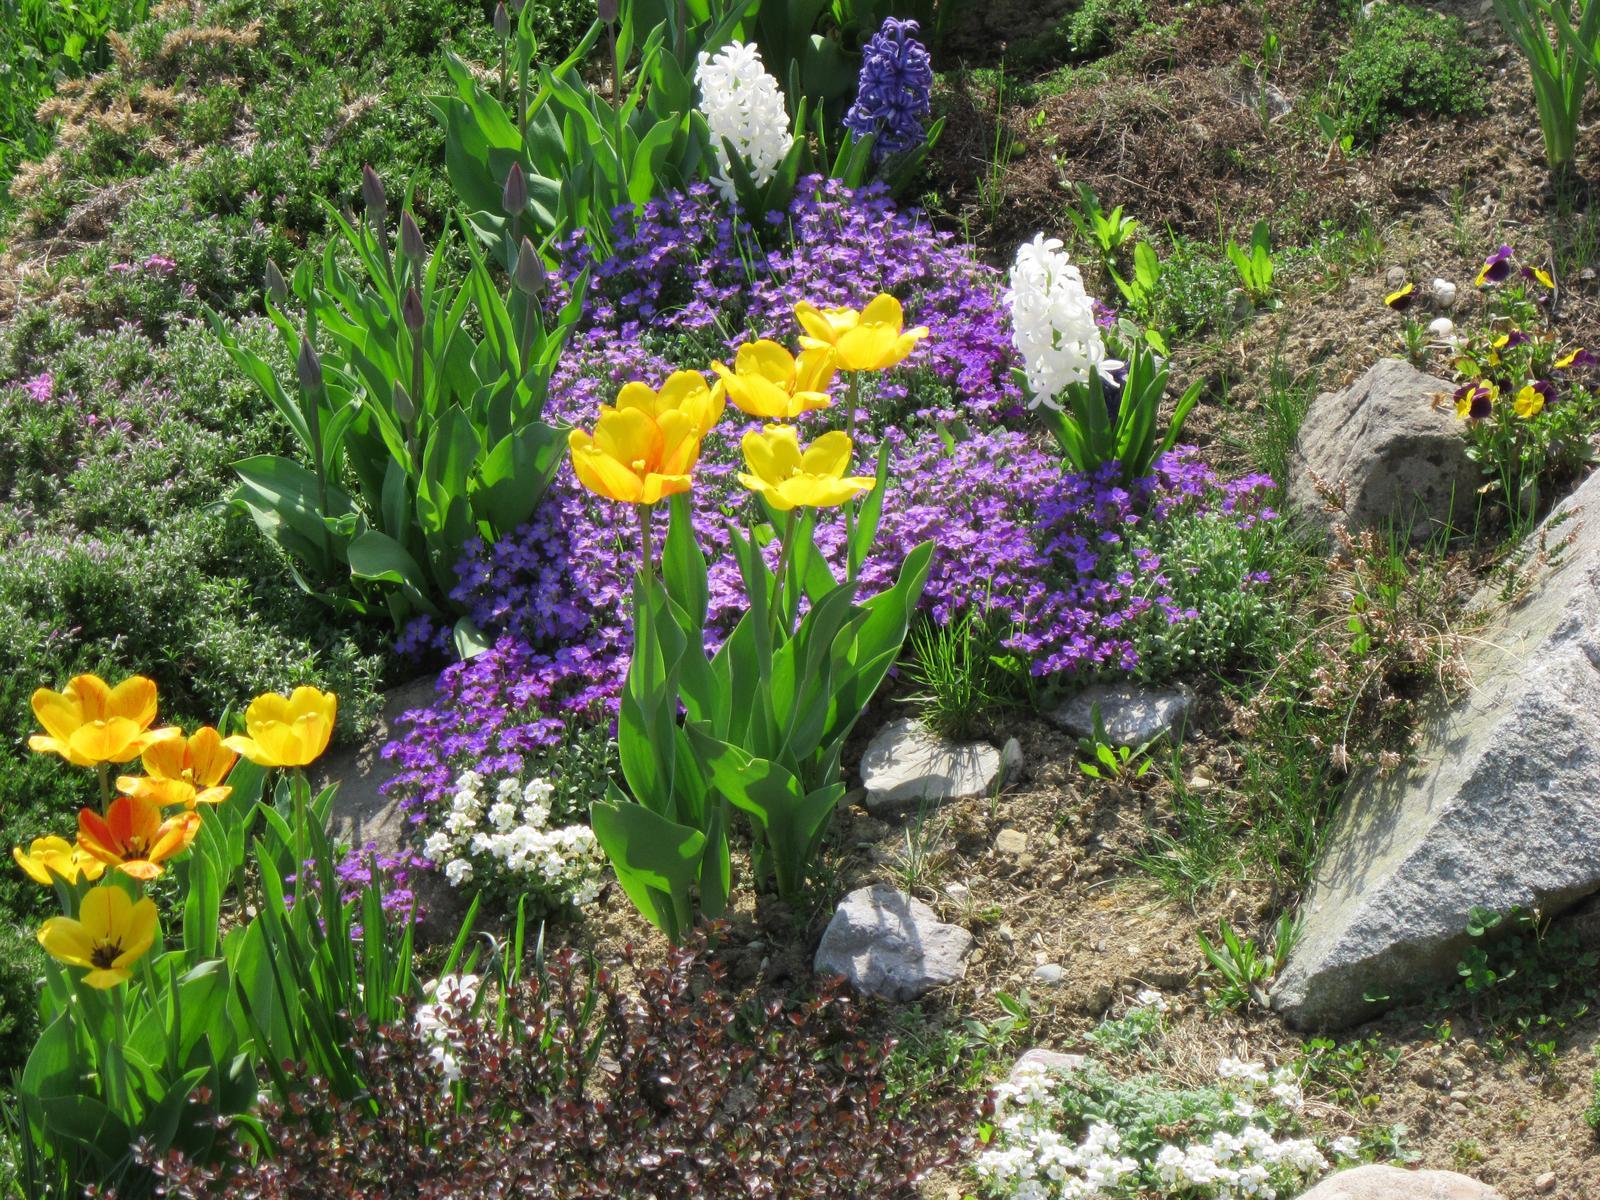 Pozvanie do našej jarnej záhrady - Túto kombináciu farieb mám najradšej...